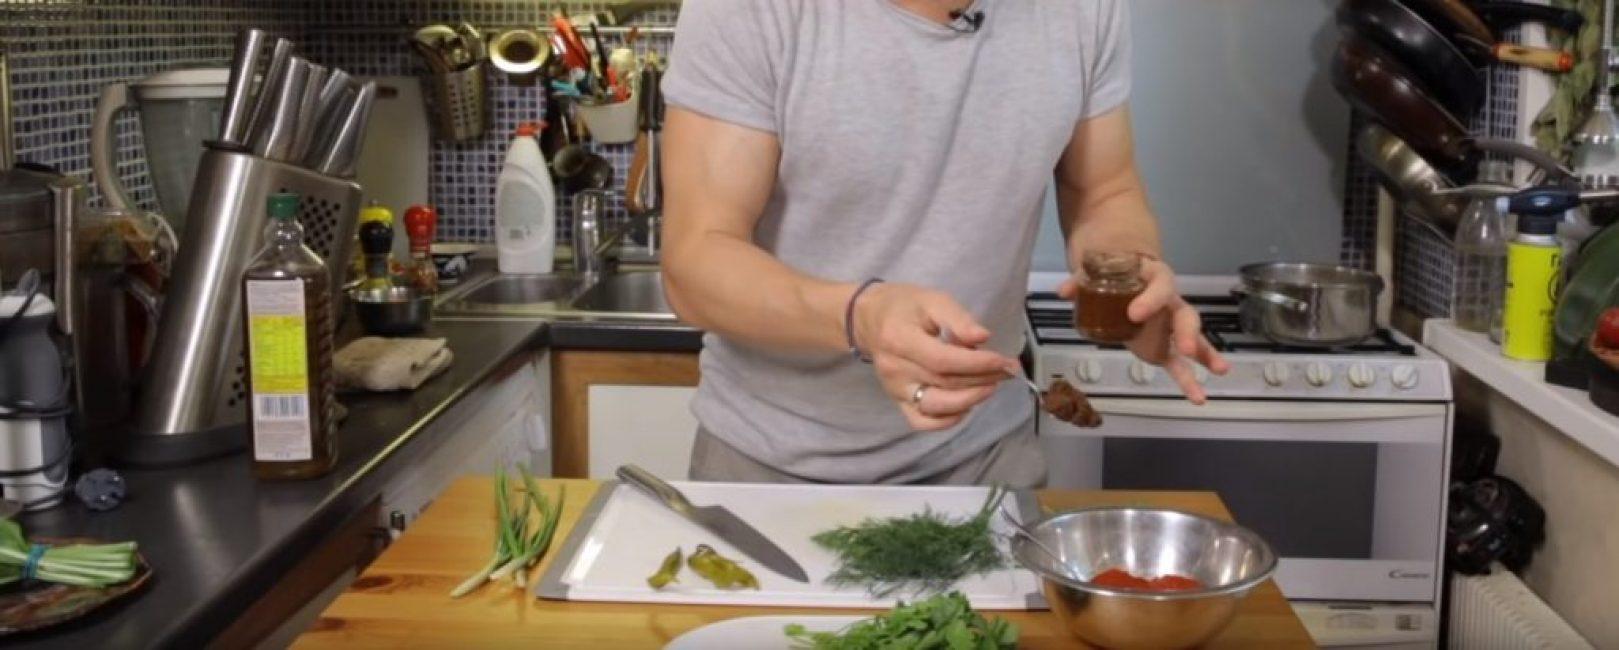 Аджика добавляется в соус в количестве столовой ложки с горкой